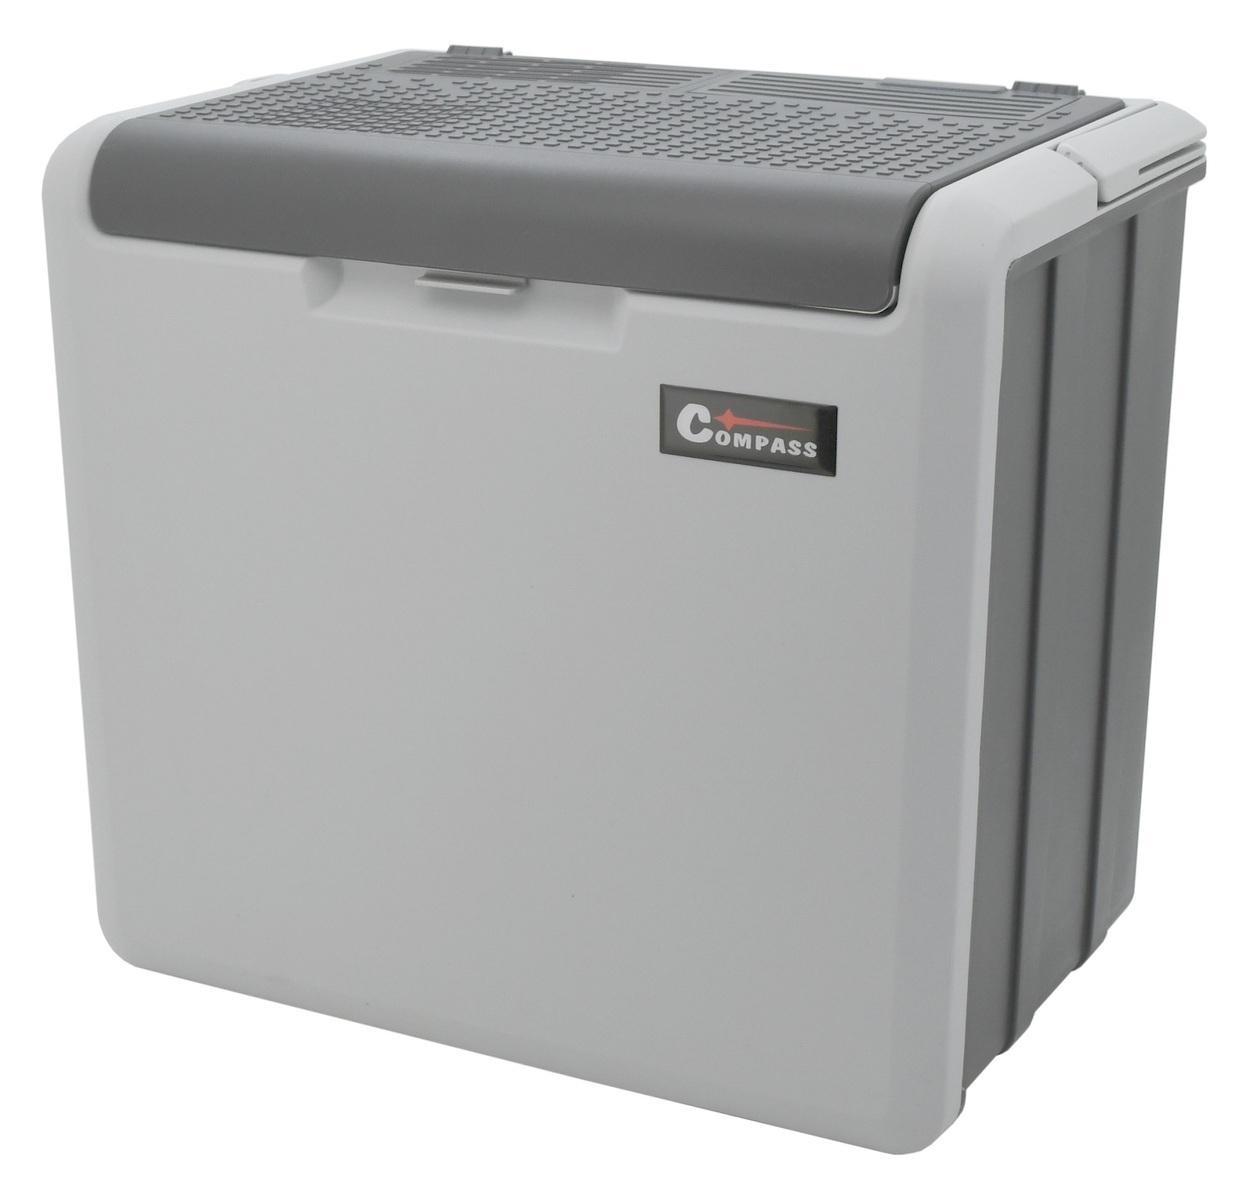 Chladící box do auta 230/12V TAMPERE, 30 litrů - COMPASS